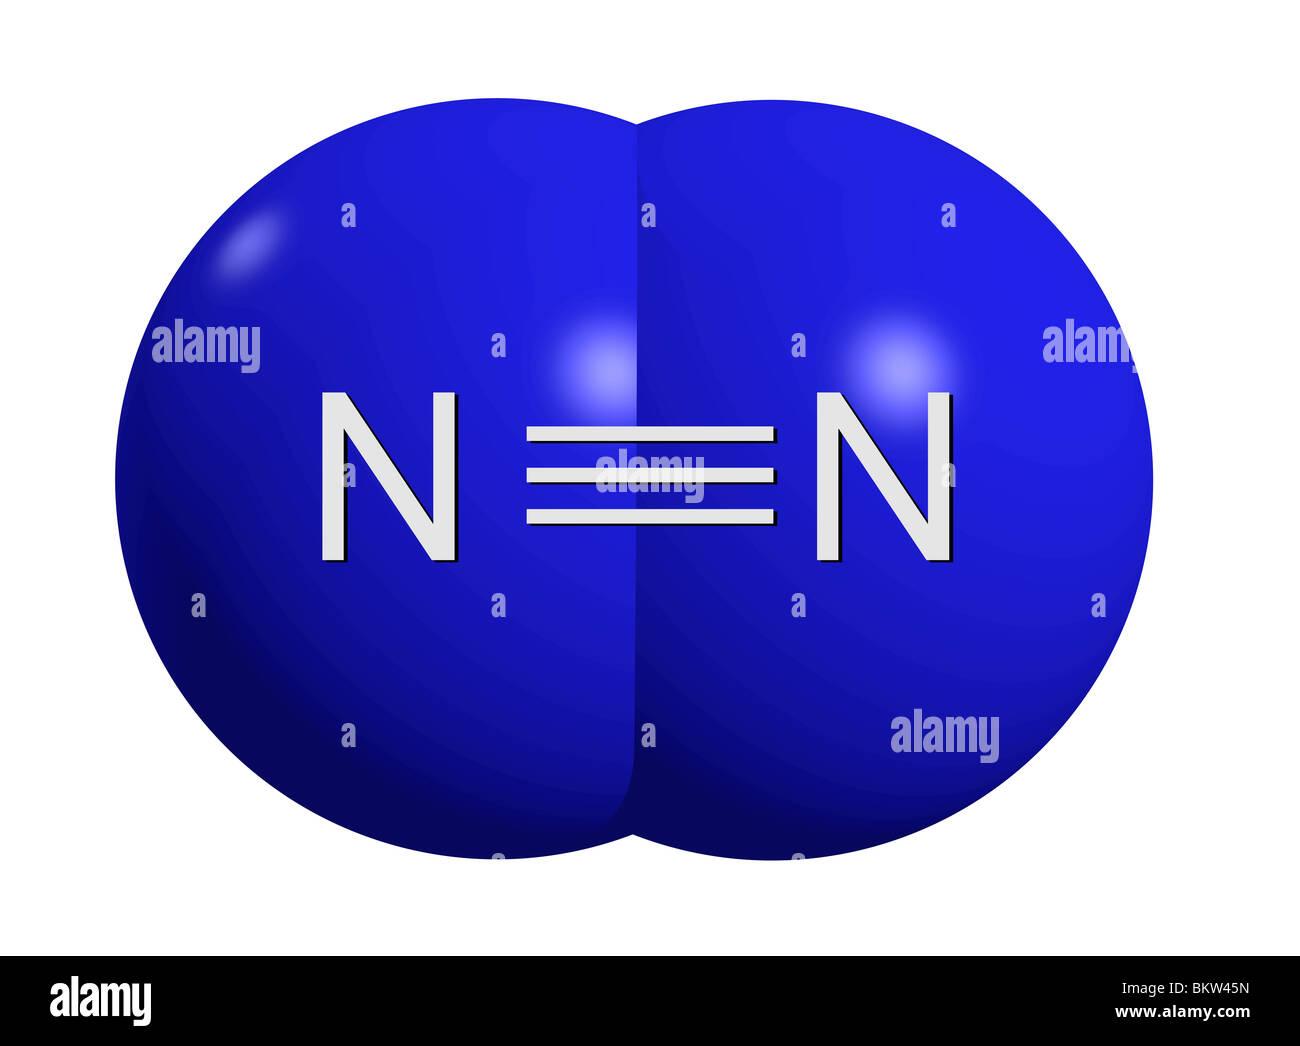 Image Gallery N2 Molecule